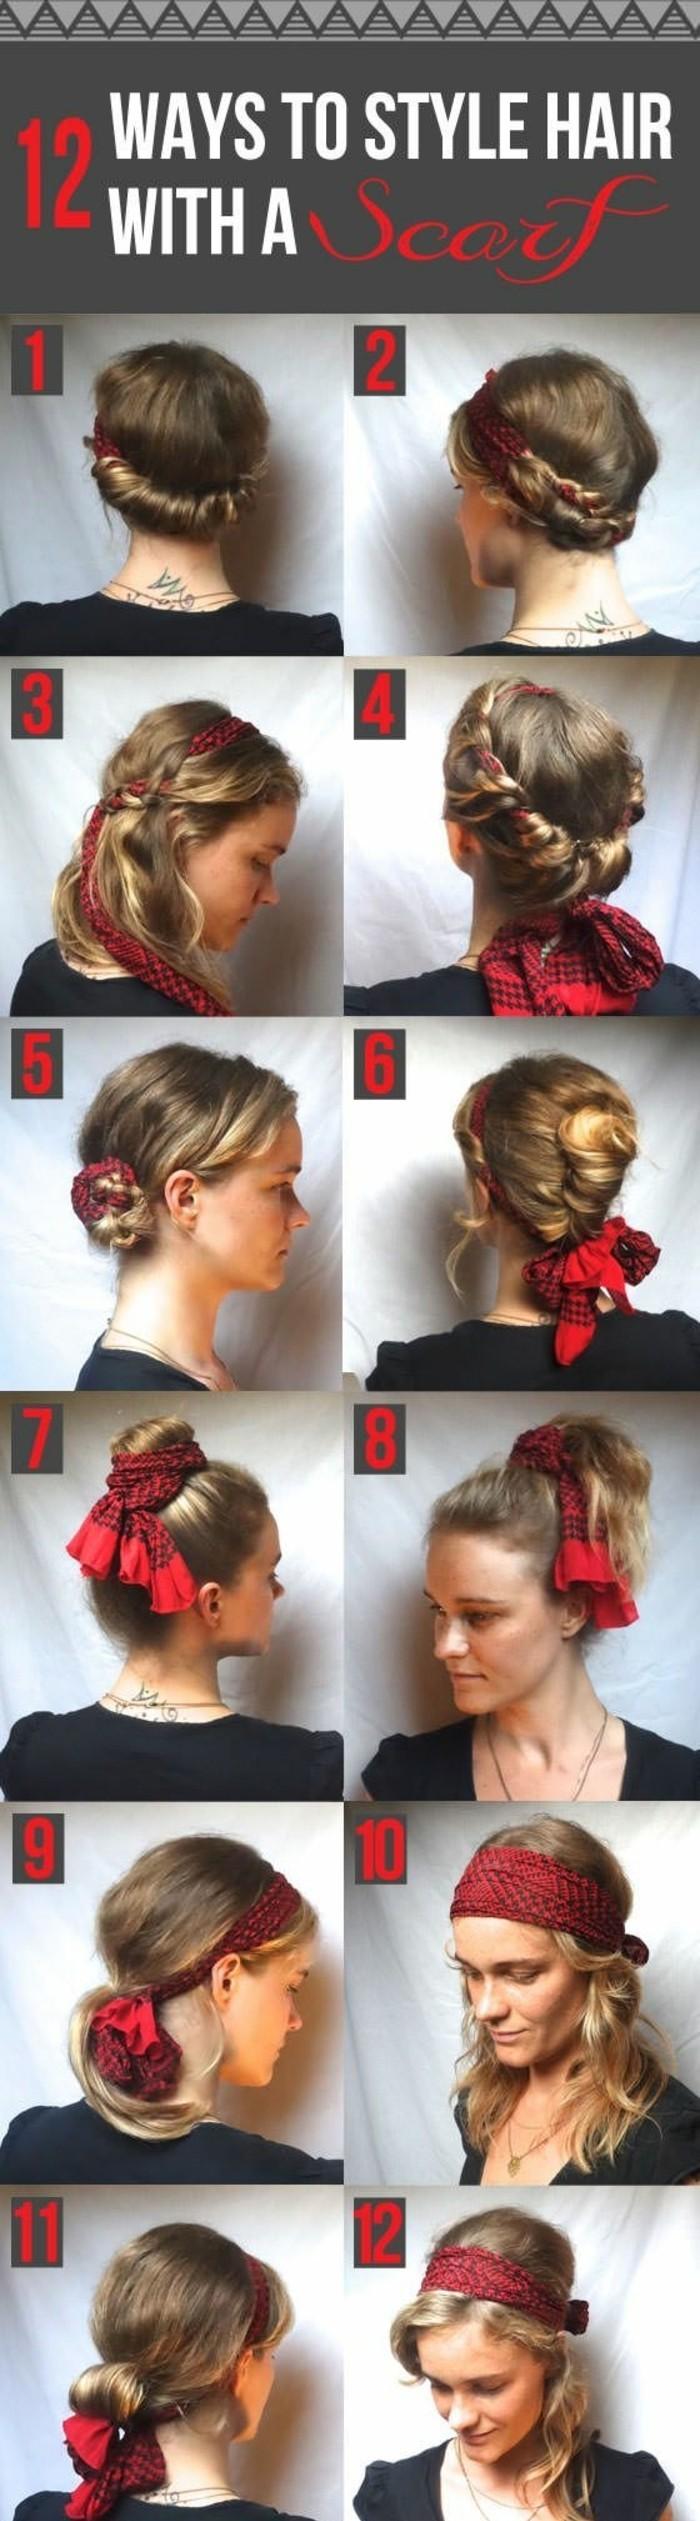 comment-mettre-le-foulard-tutoriel-pas-a-pas-idees-coiffures